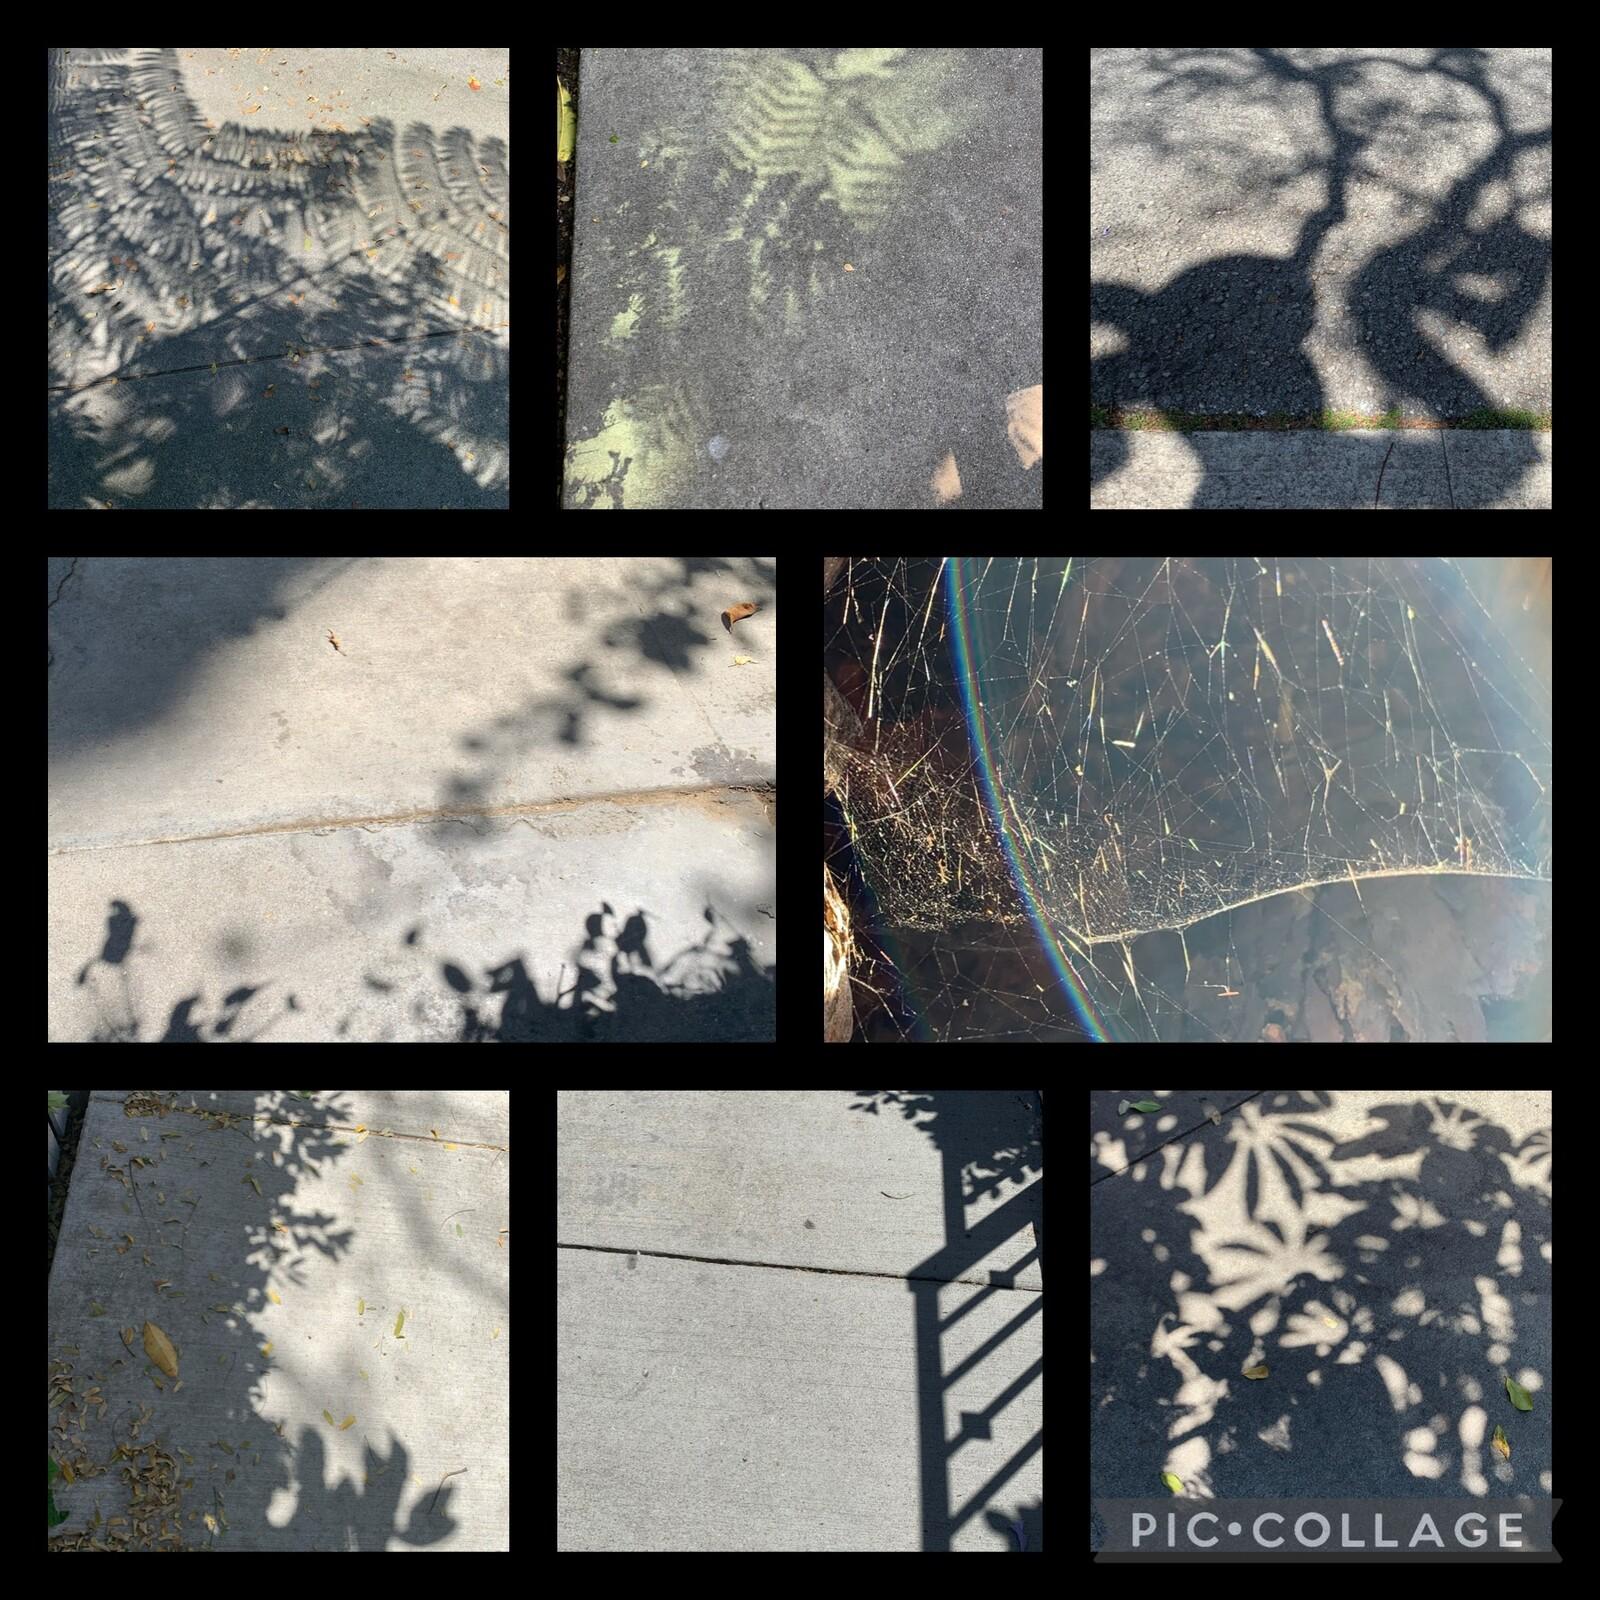 Original photos used